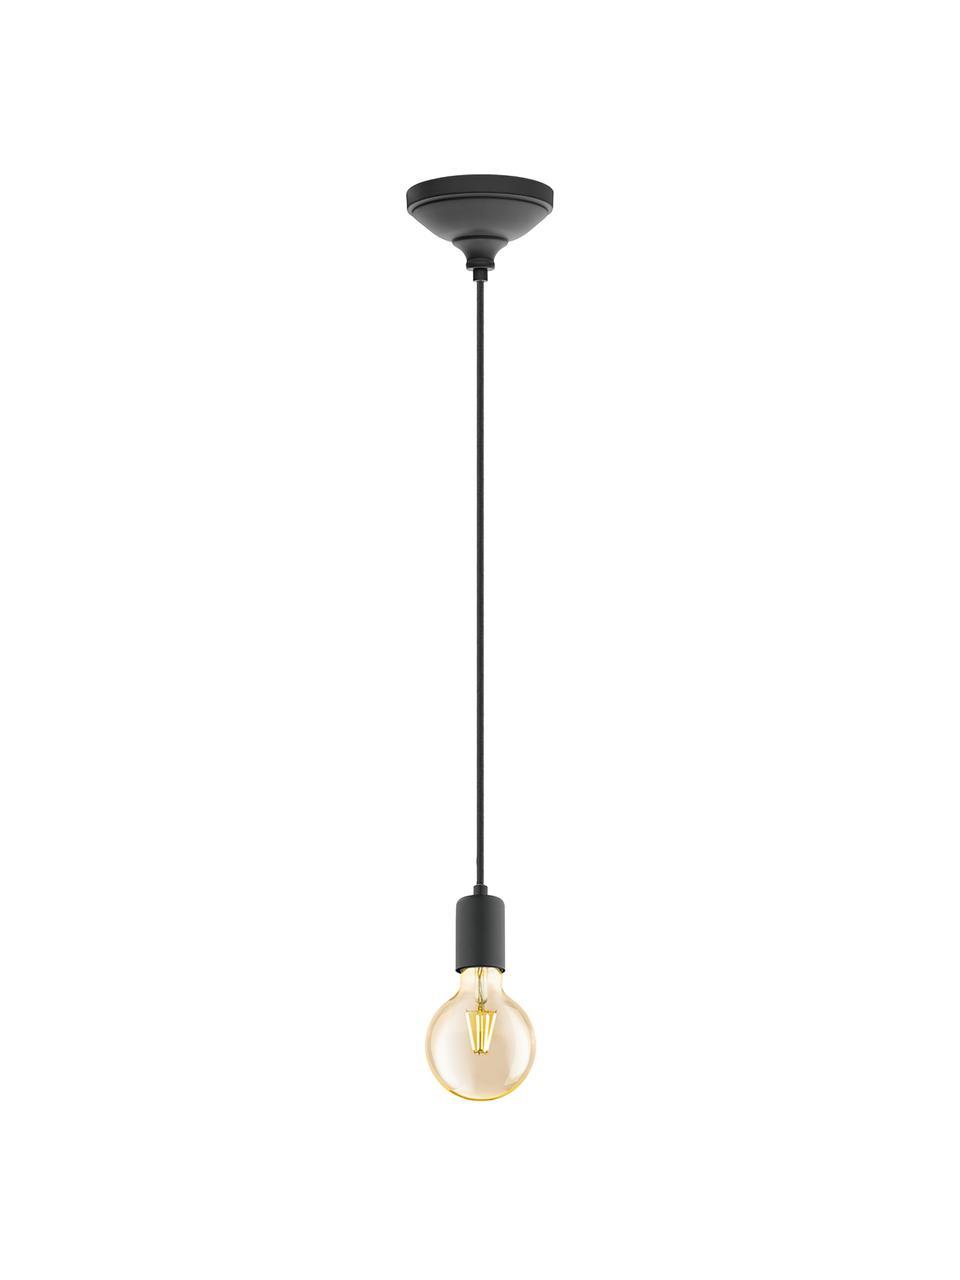 Mała lampa wisząca Trey, Czarny, matowy, Ø 10 x W 8 cm